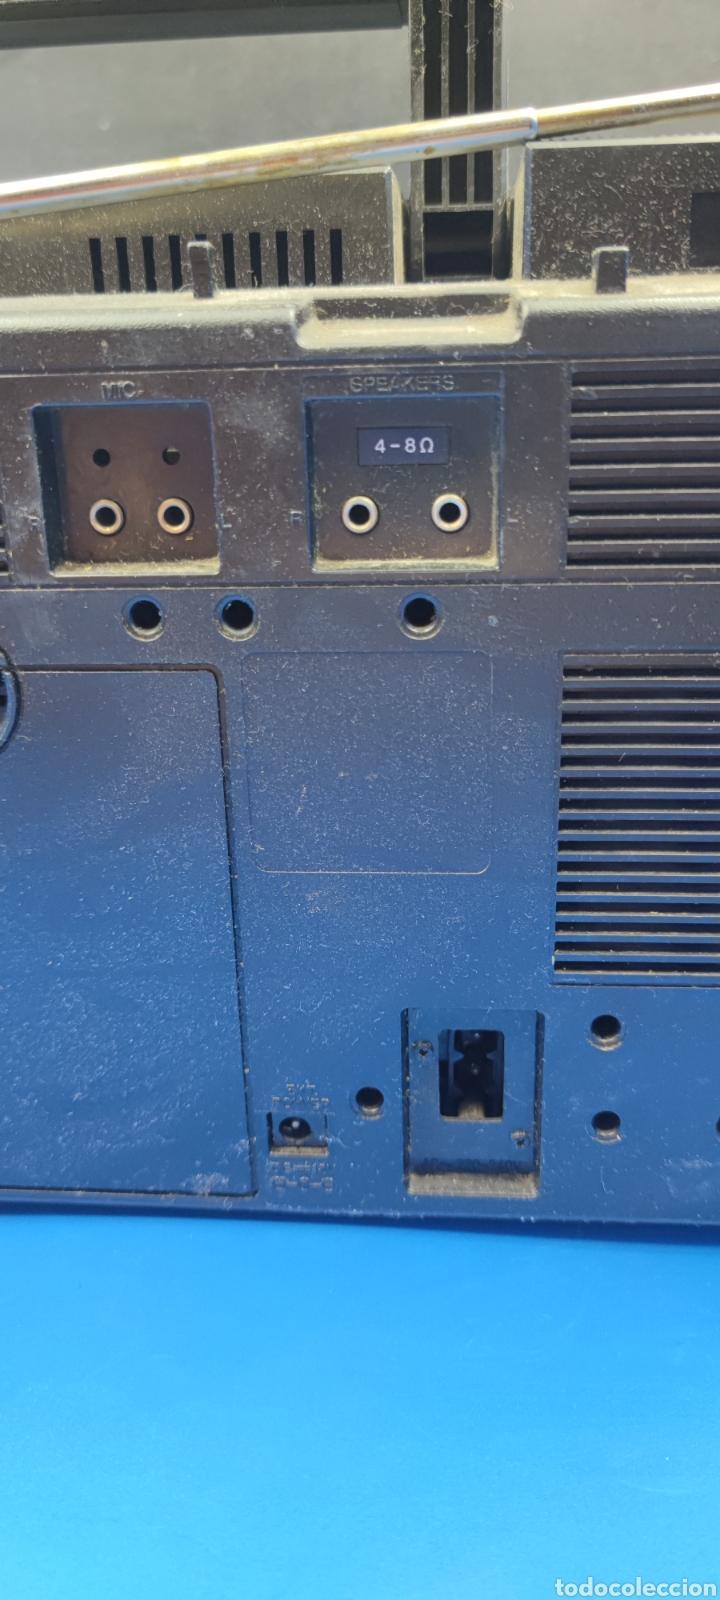 Radios antiguas: RADIO CASSETTE SILVER SR 50 X VINTAGE - Foto 9 - 286408988